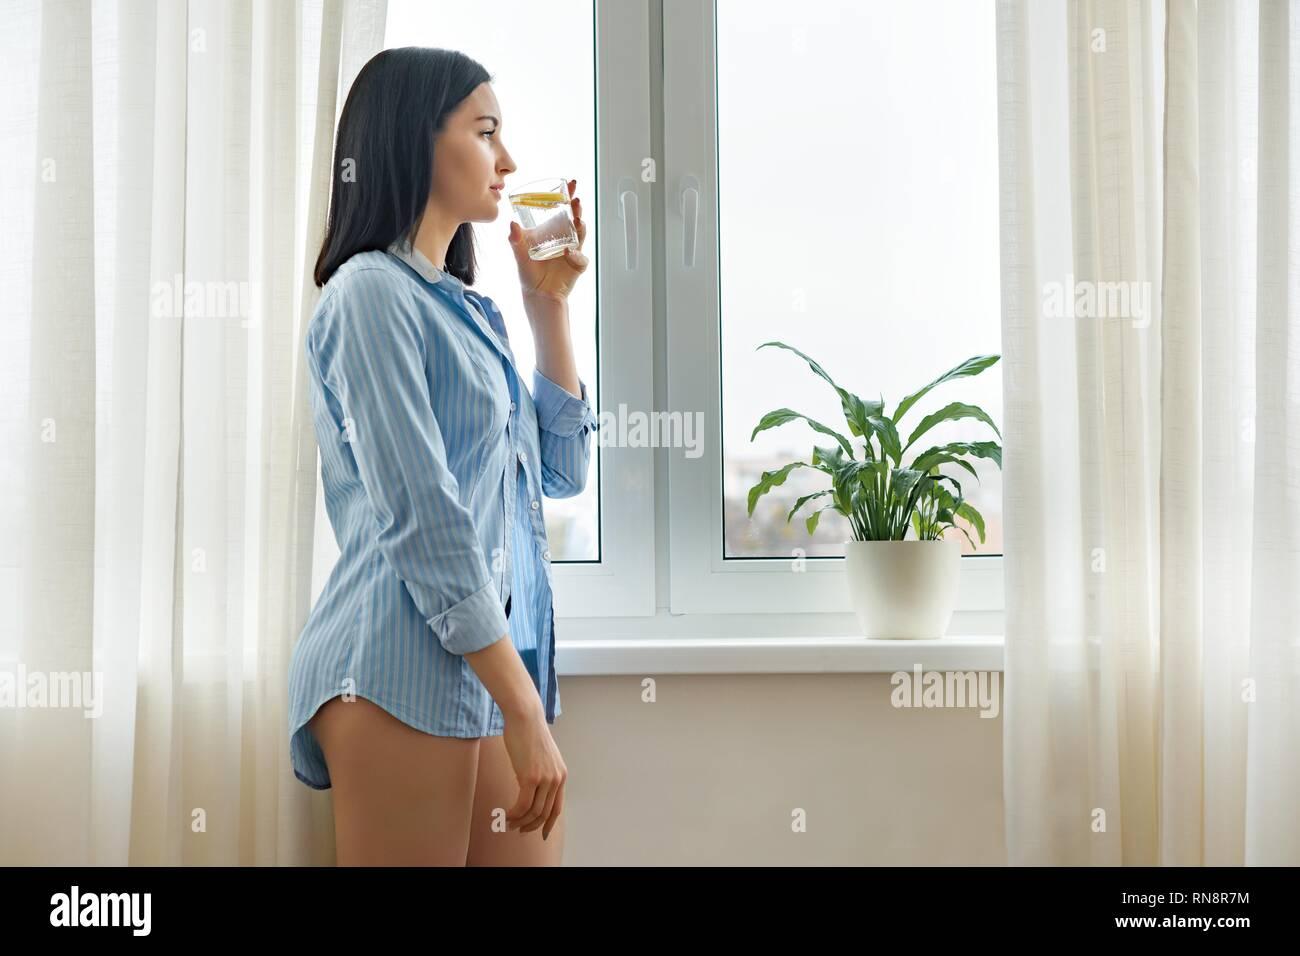 Uno stile di vita sano, dieta antiossidante. Mattina un bicchiere di acqua con limone nelle mani della giovane donna Immagini Stock